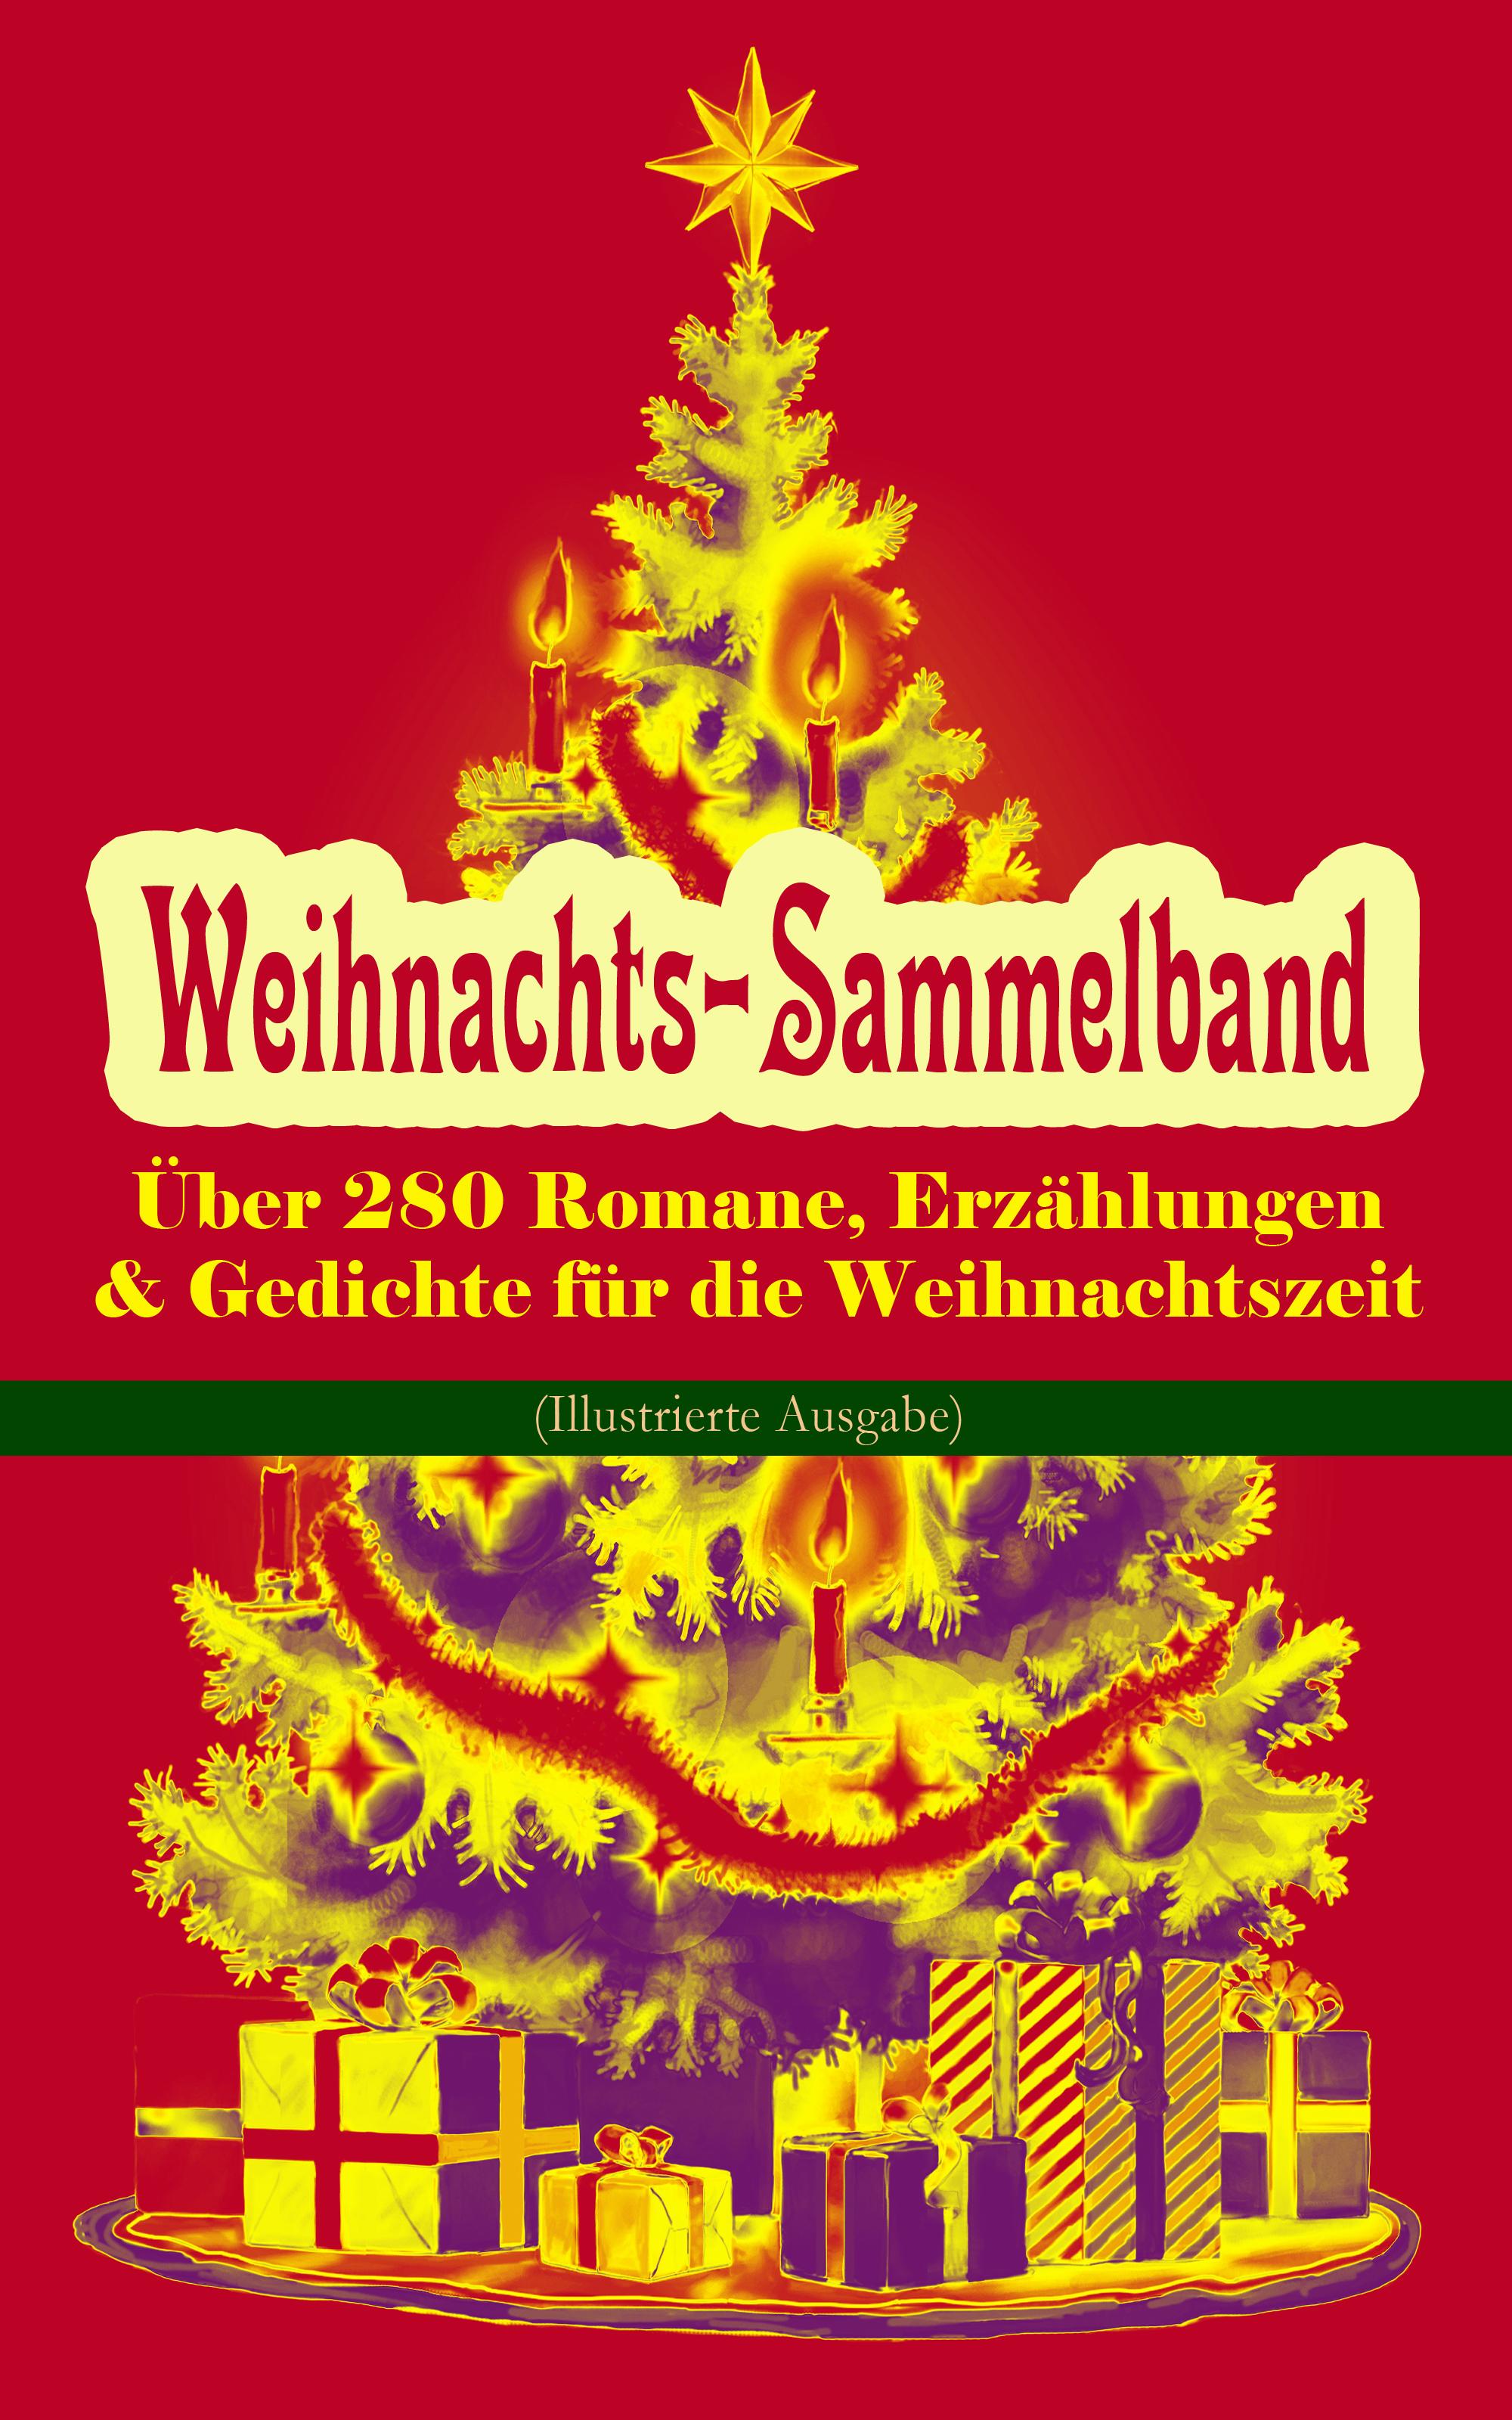 weihnachts sammelband uber 280 romane erzahlungen gedichte fur die weihnachtszeit illustrierte ausgabe